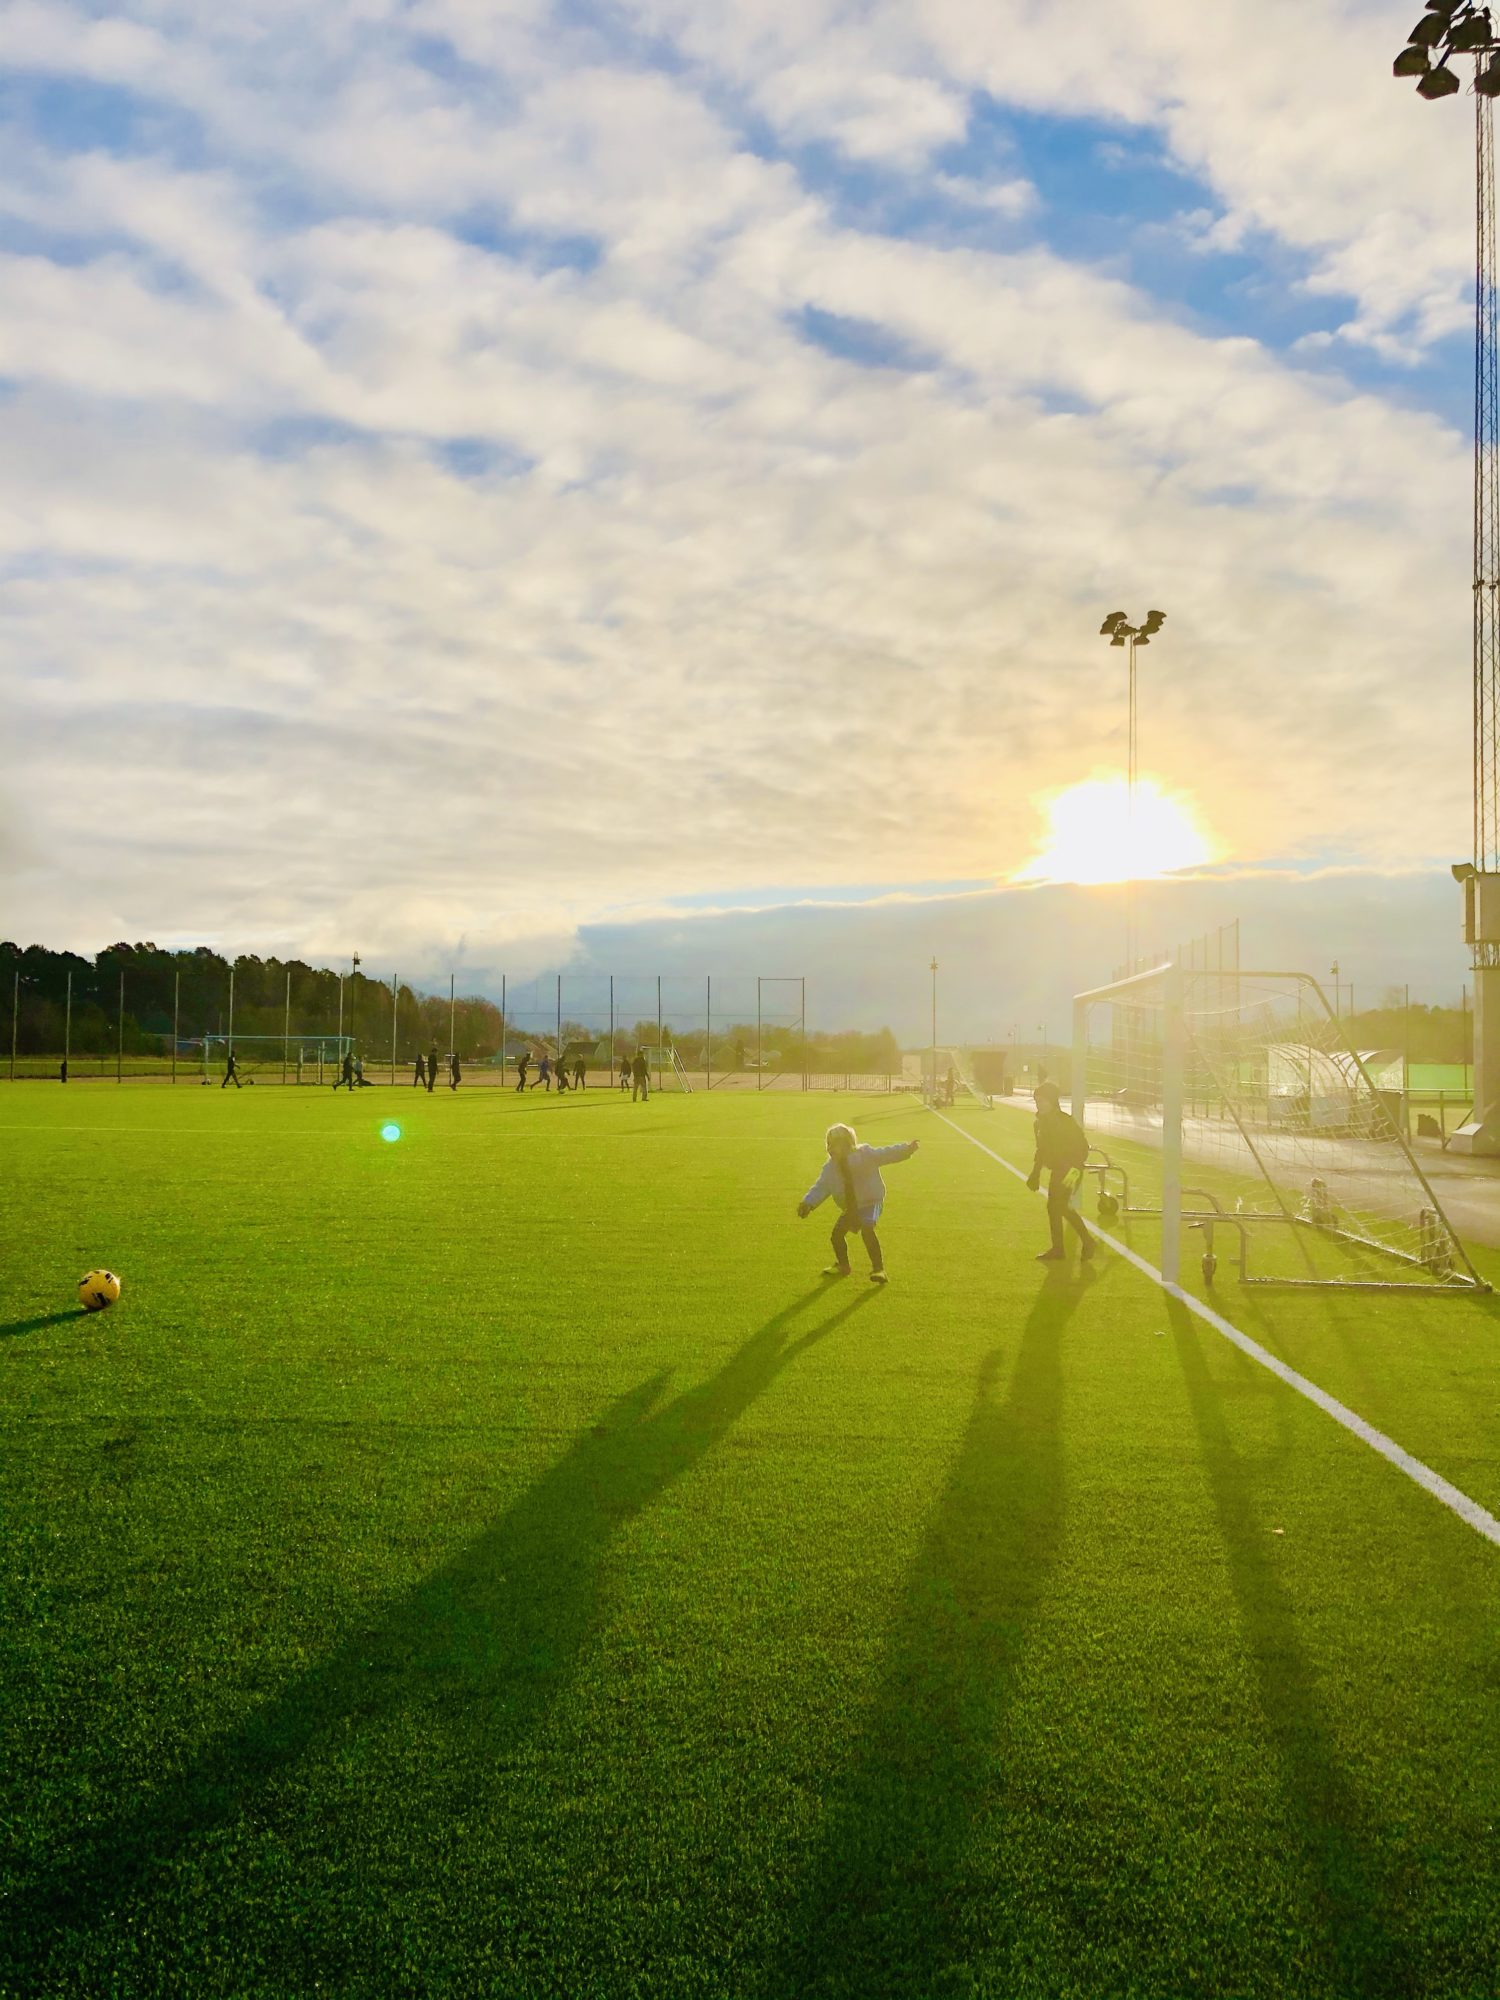 Fotbollsspel på fotbollsplan